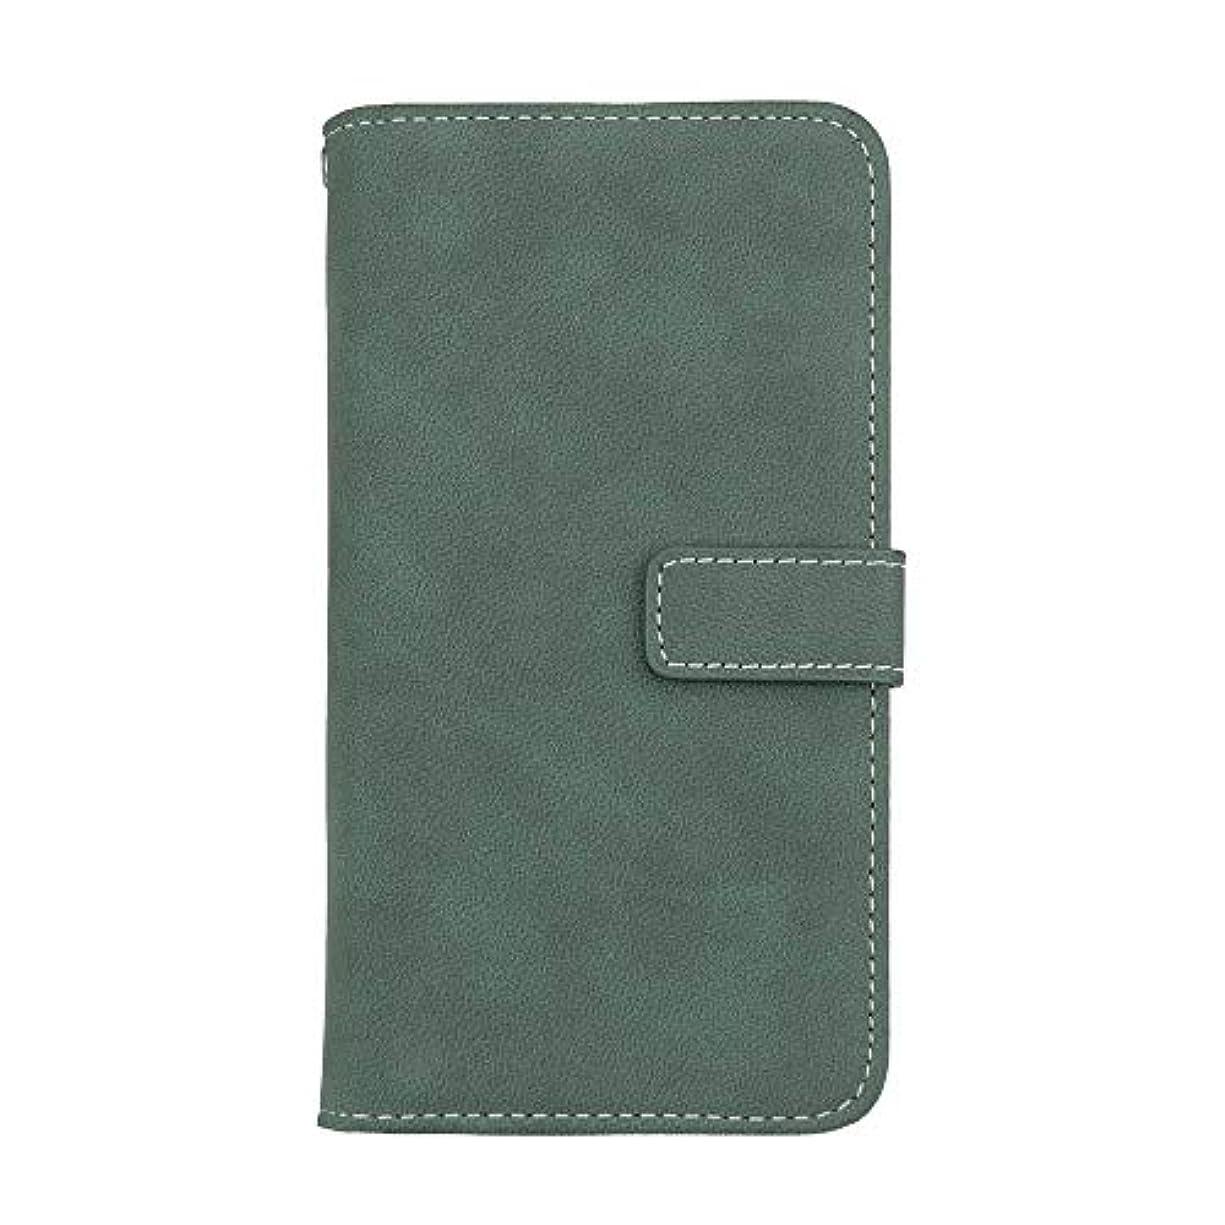 適切なスリチンモイソフトウェアXiaomi Redmi Note 3 高品質 マグネット ケース, CUNUS 携帯電話 ケース 軽量 柔軟 高品質 耐摩擦 カード収納 カバー Xiaomi Redmi Note 3 用, グリーン